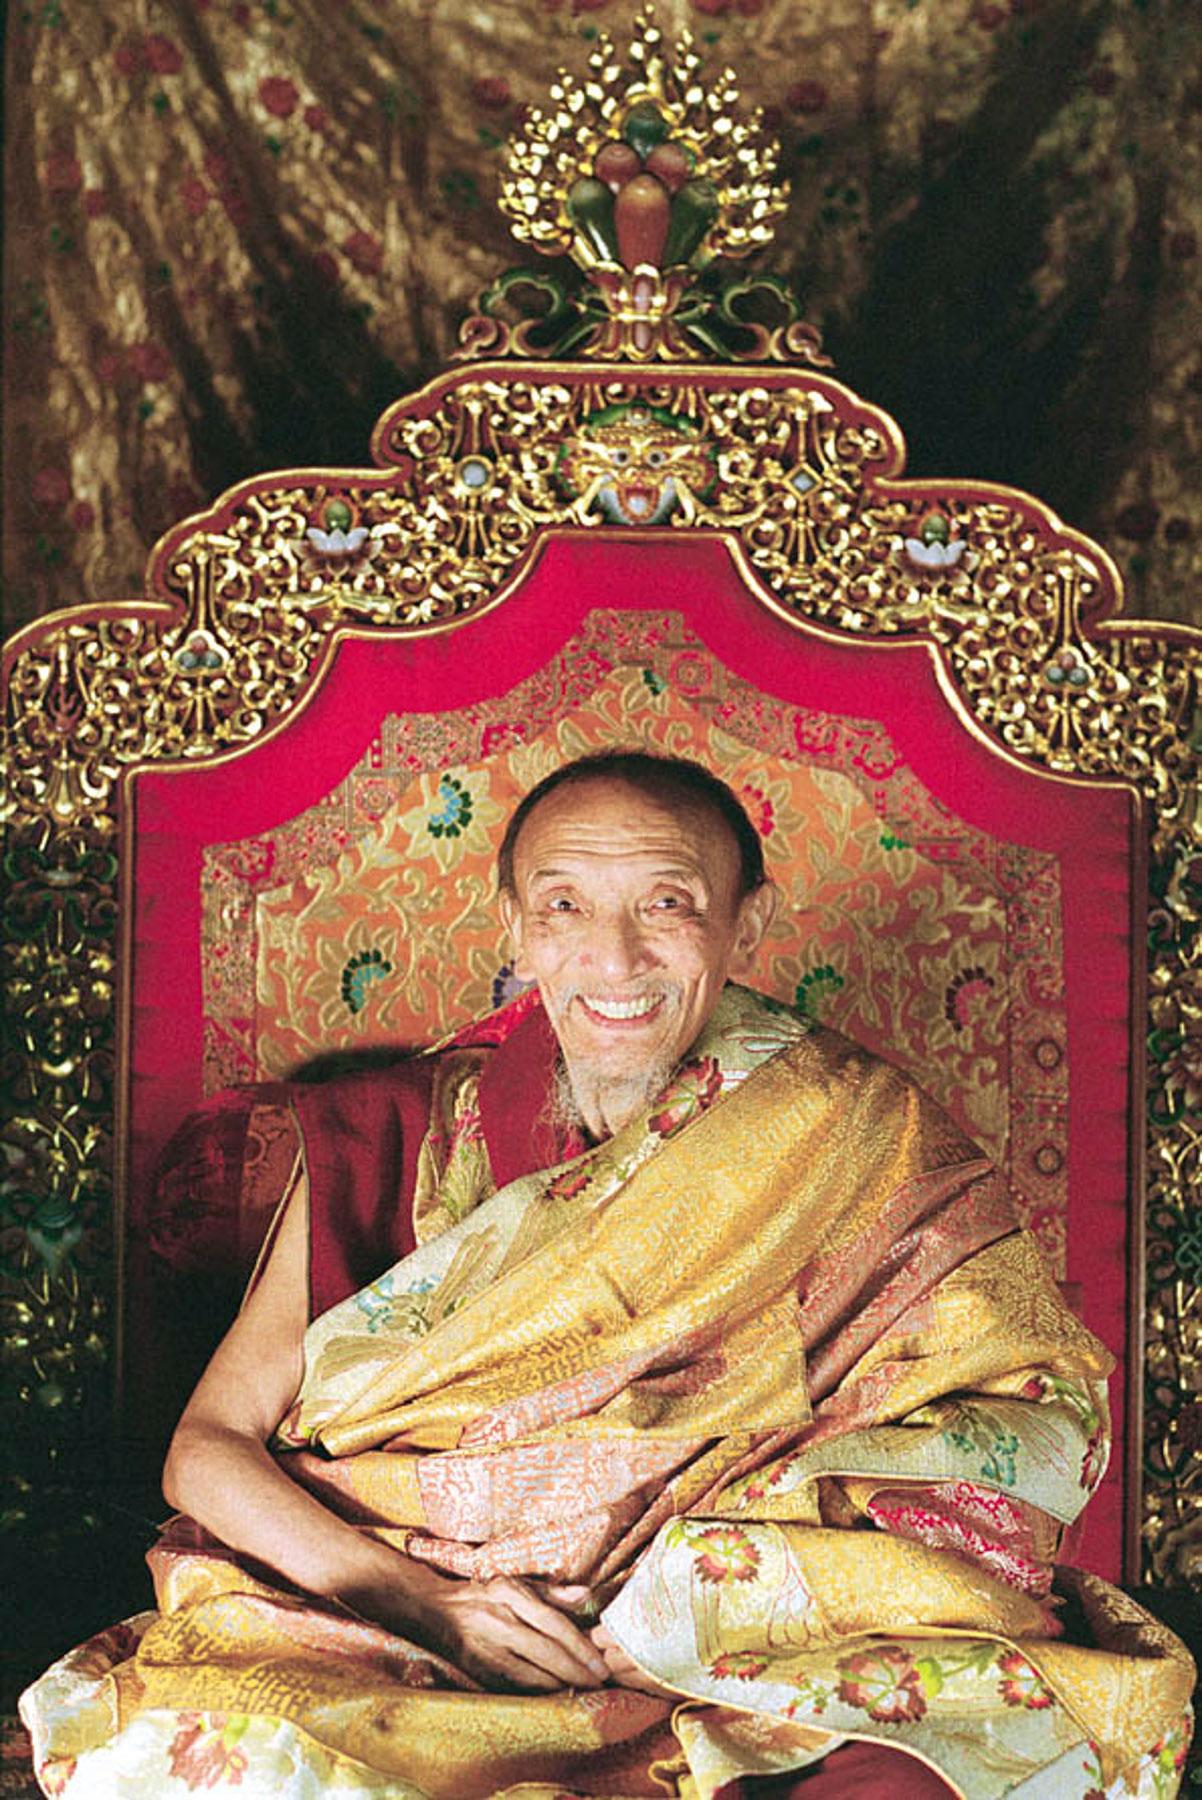 Tóm Tắt Tiểu Sử Thánh Sư Chogye Trichen Rinpoche, Pháp Vương Nhánh Tsharpa Thuộc Dòng Truyền Thừa Sakya 1